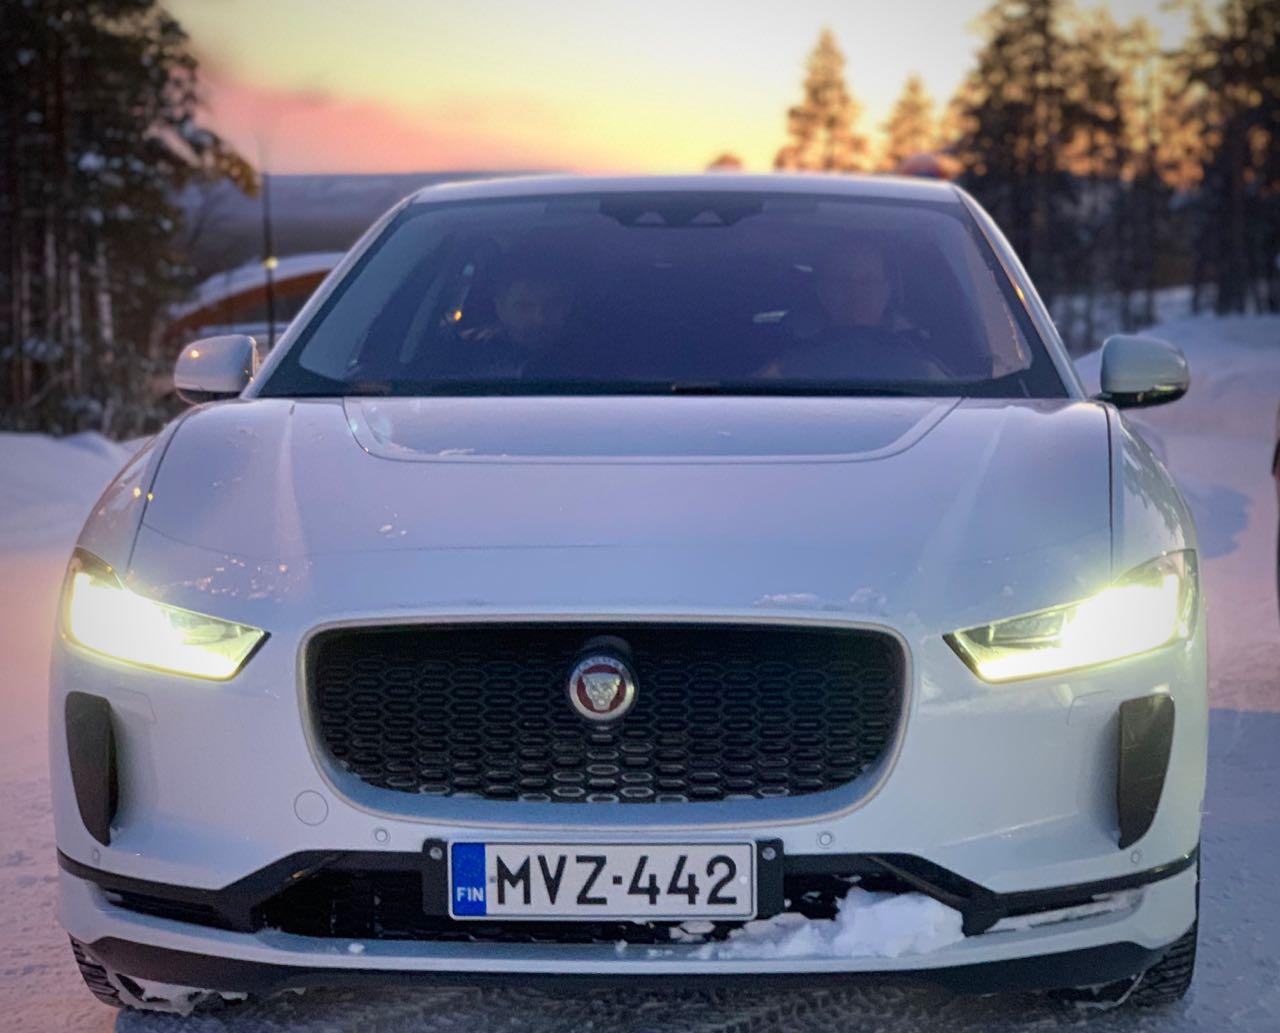 #evwintertour 2020 päivä 6, Pyhältä Jaguar I-Pacella Tampereelle